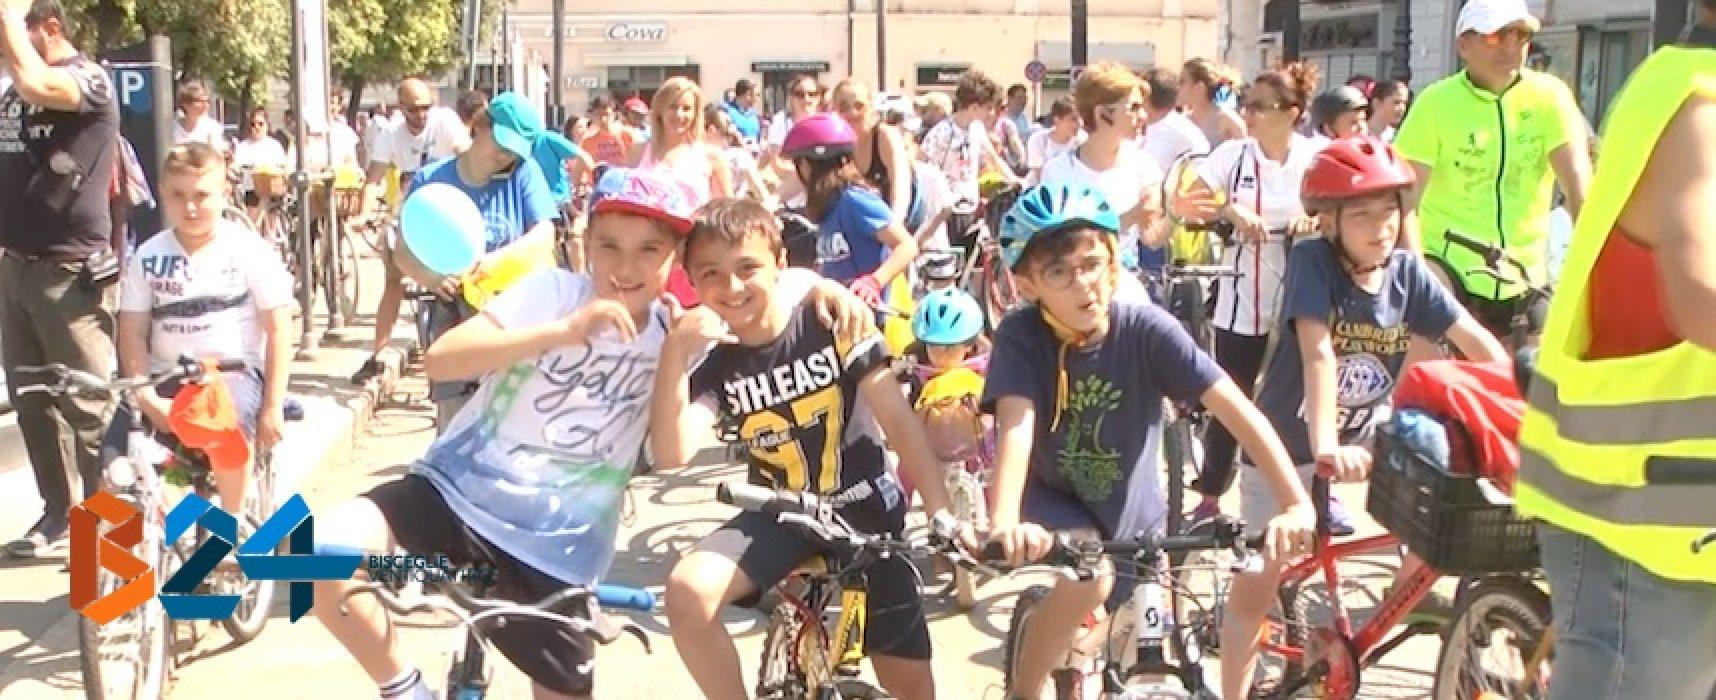 Torna Bimbimbici, evento organizzato da Biciliae per promuovere l'utilizzo della bici